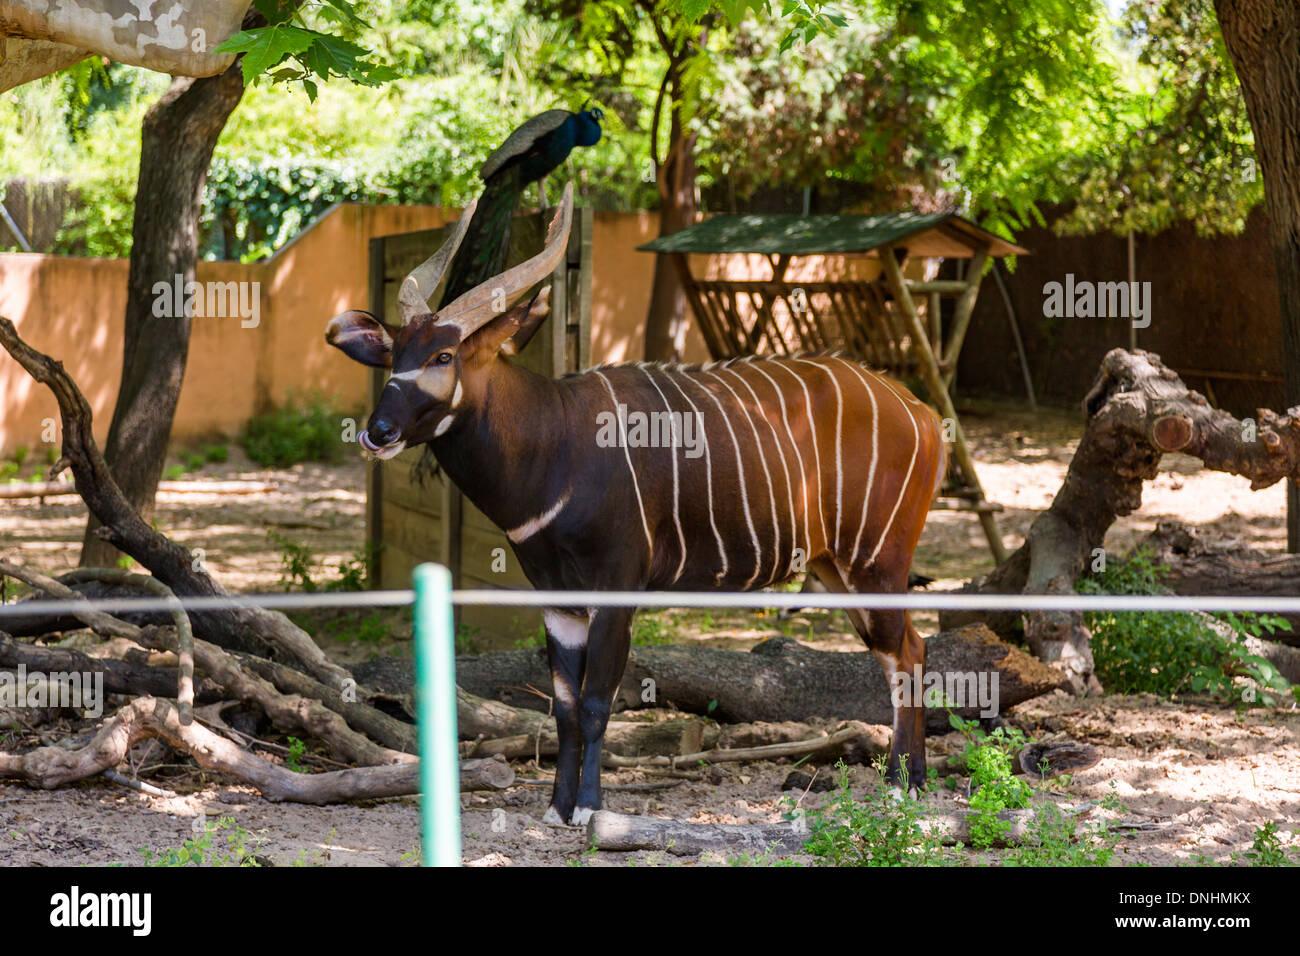 Bongo (Tragelaphus Eurycerus) dans un zoo, le Zoo de Barcelone, Barcelone, Catalogne, Espagne Banque D'Images